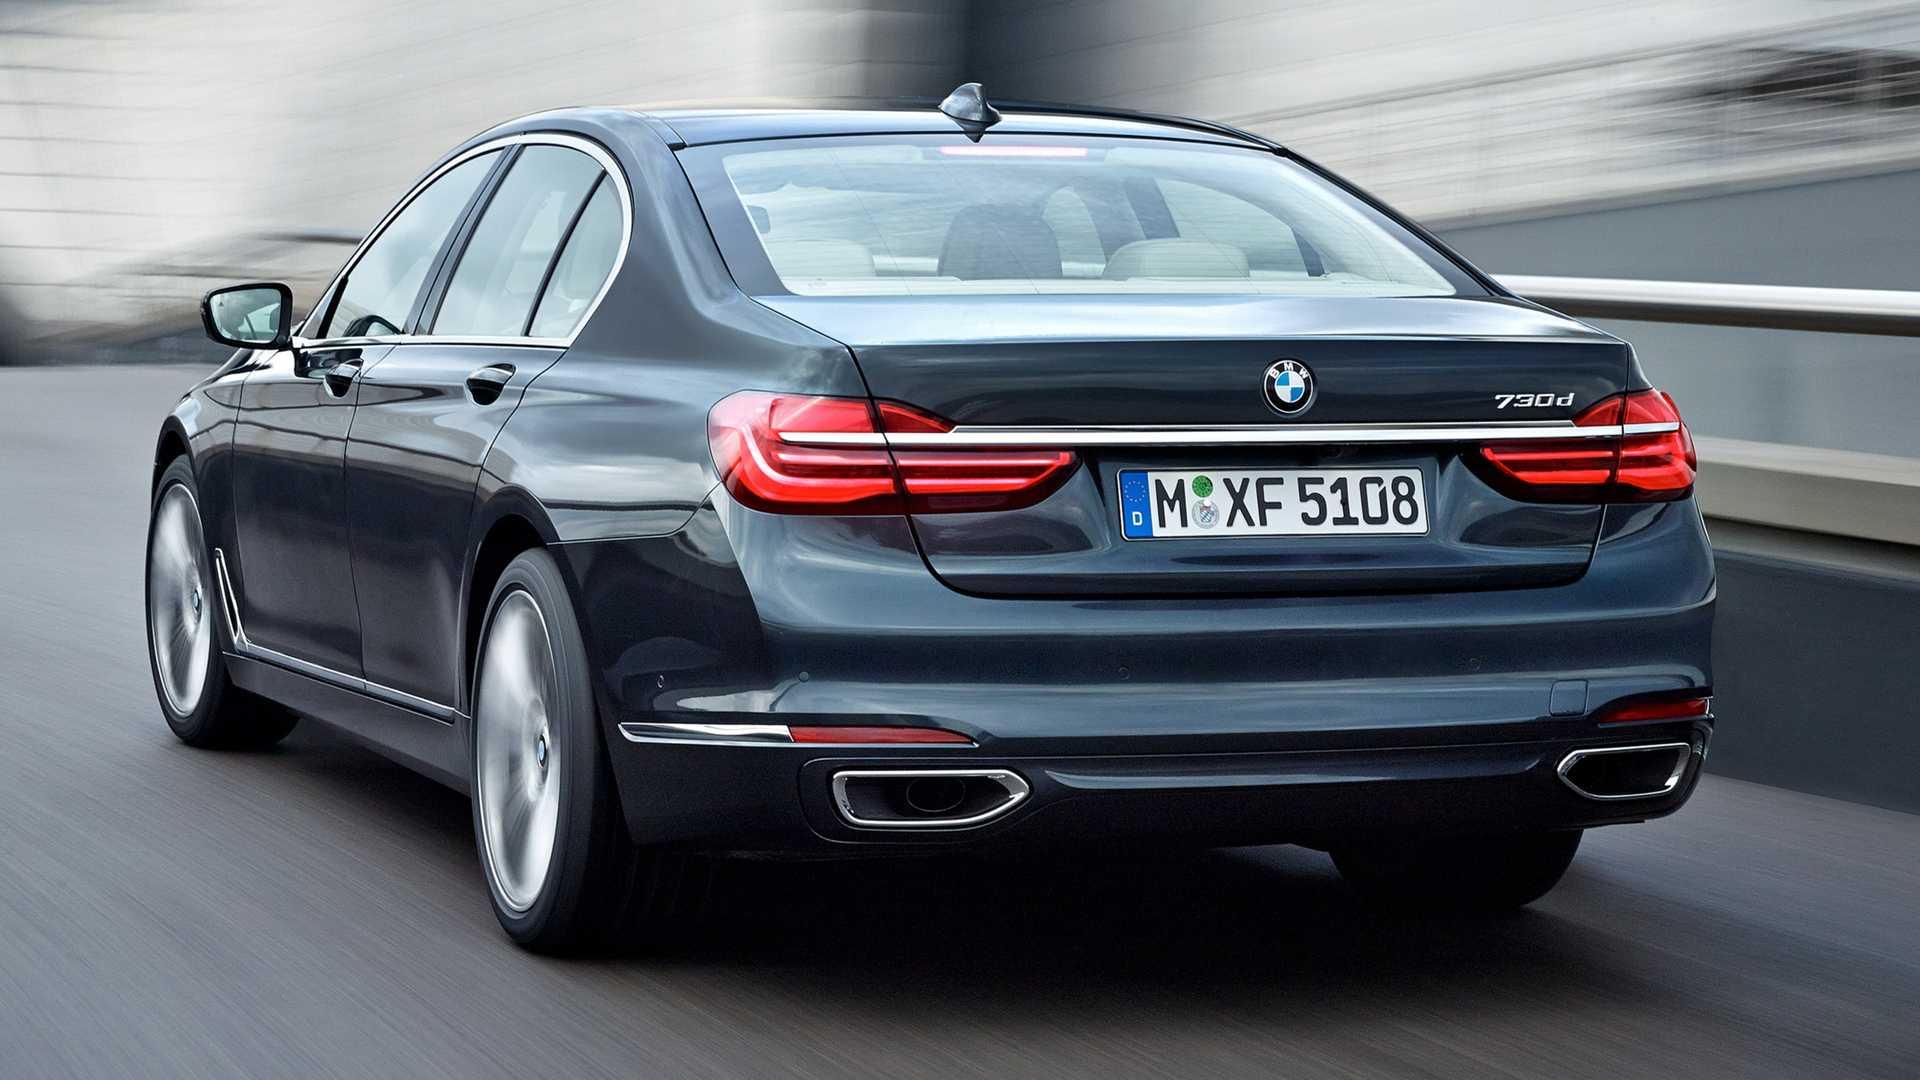 BMW 730d 2020